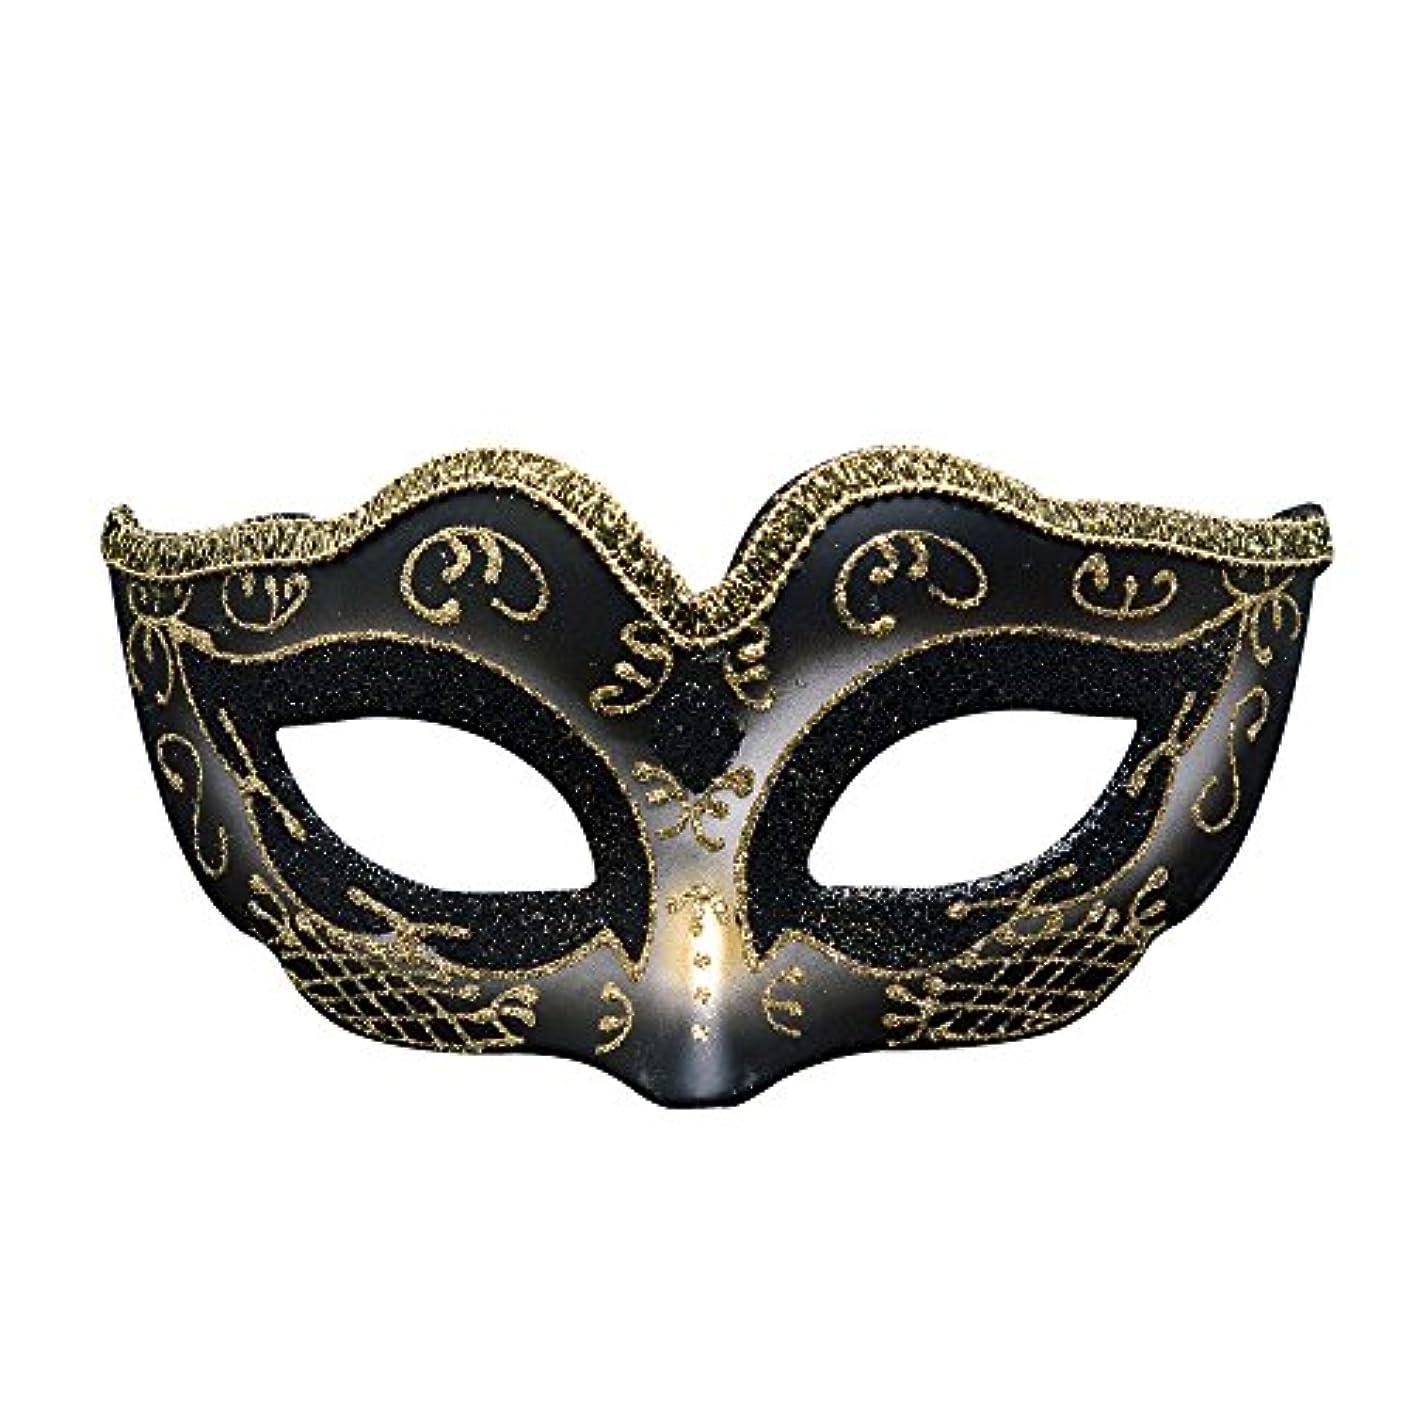 流暢ぼかす水曜日クリエイティブキッズマスカレードパーティーハロウィンマスククリスマス雰囲気マスク (Color : #4)